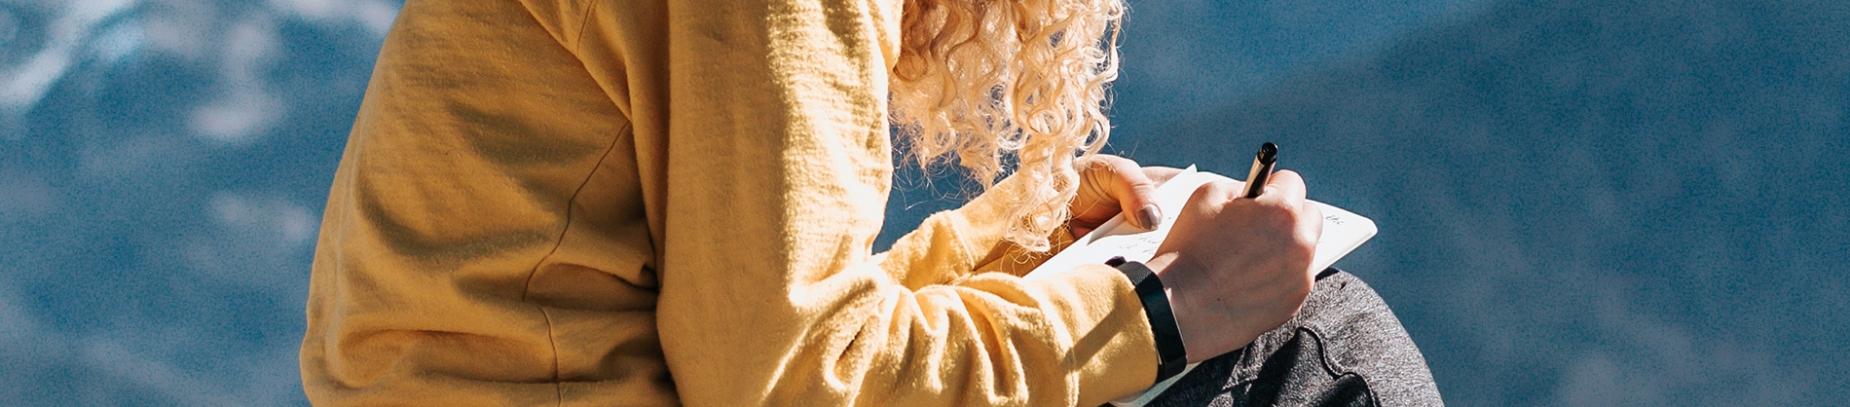 A women sat writing in a notebook